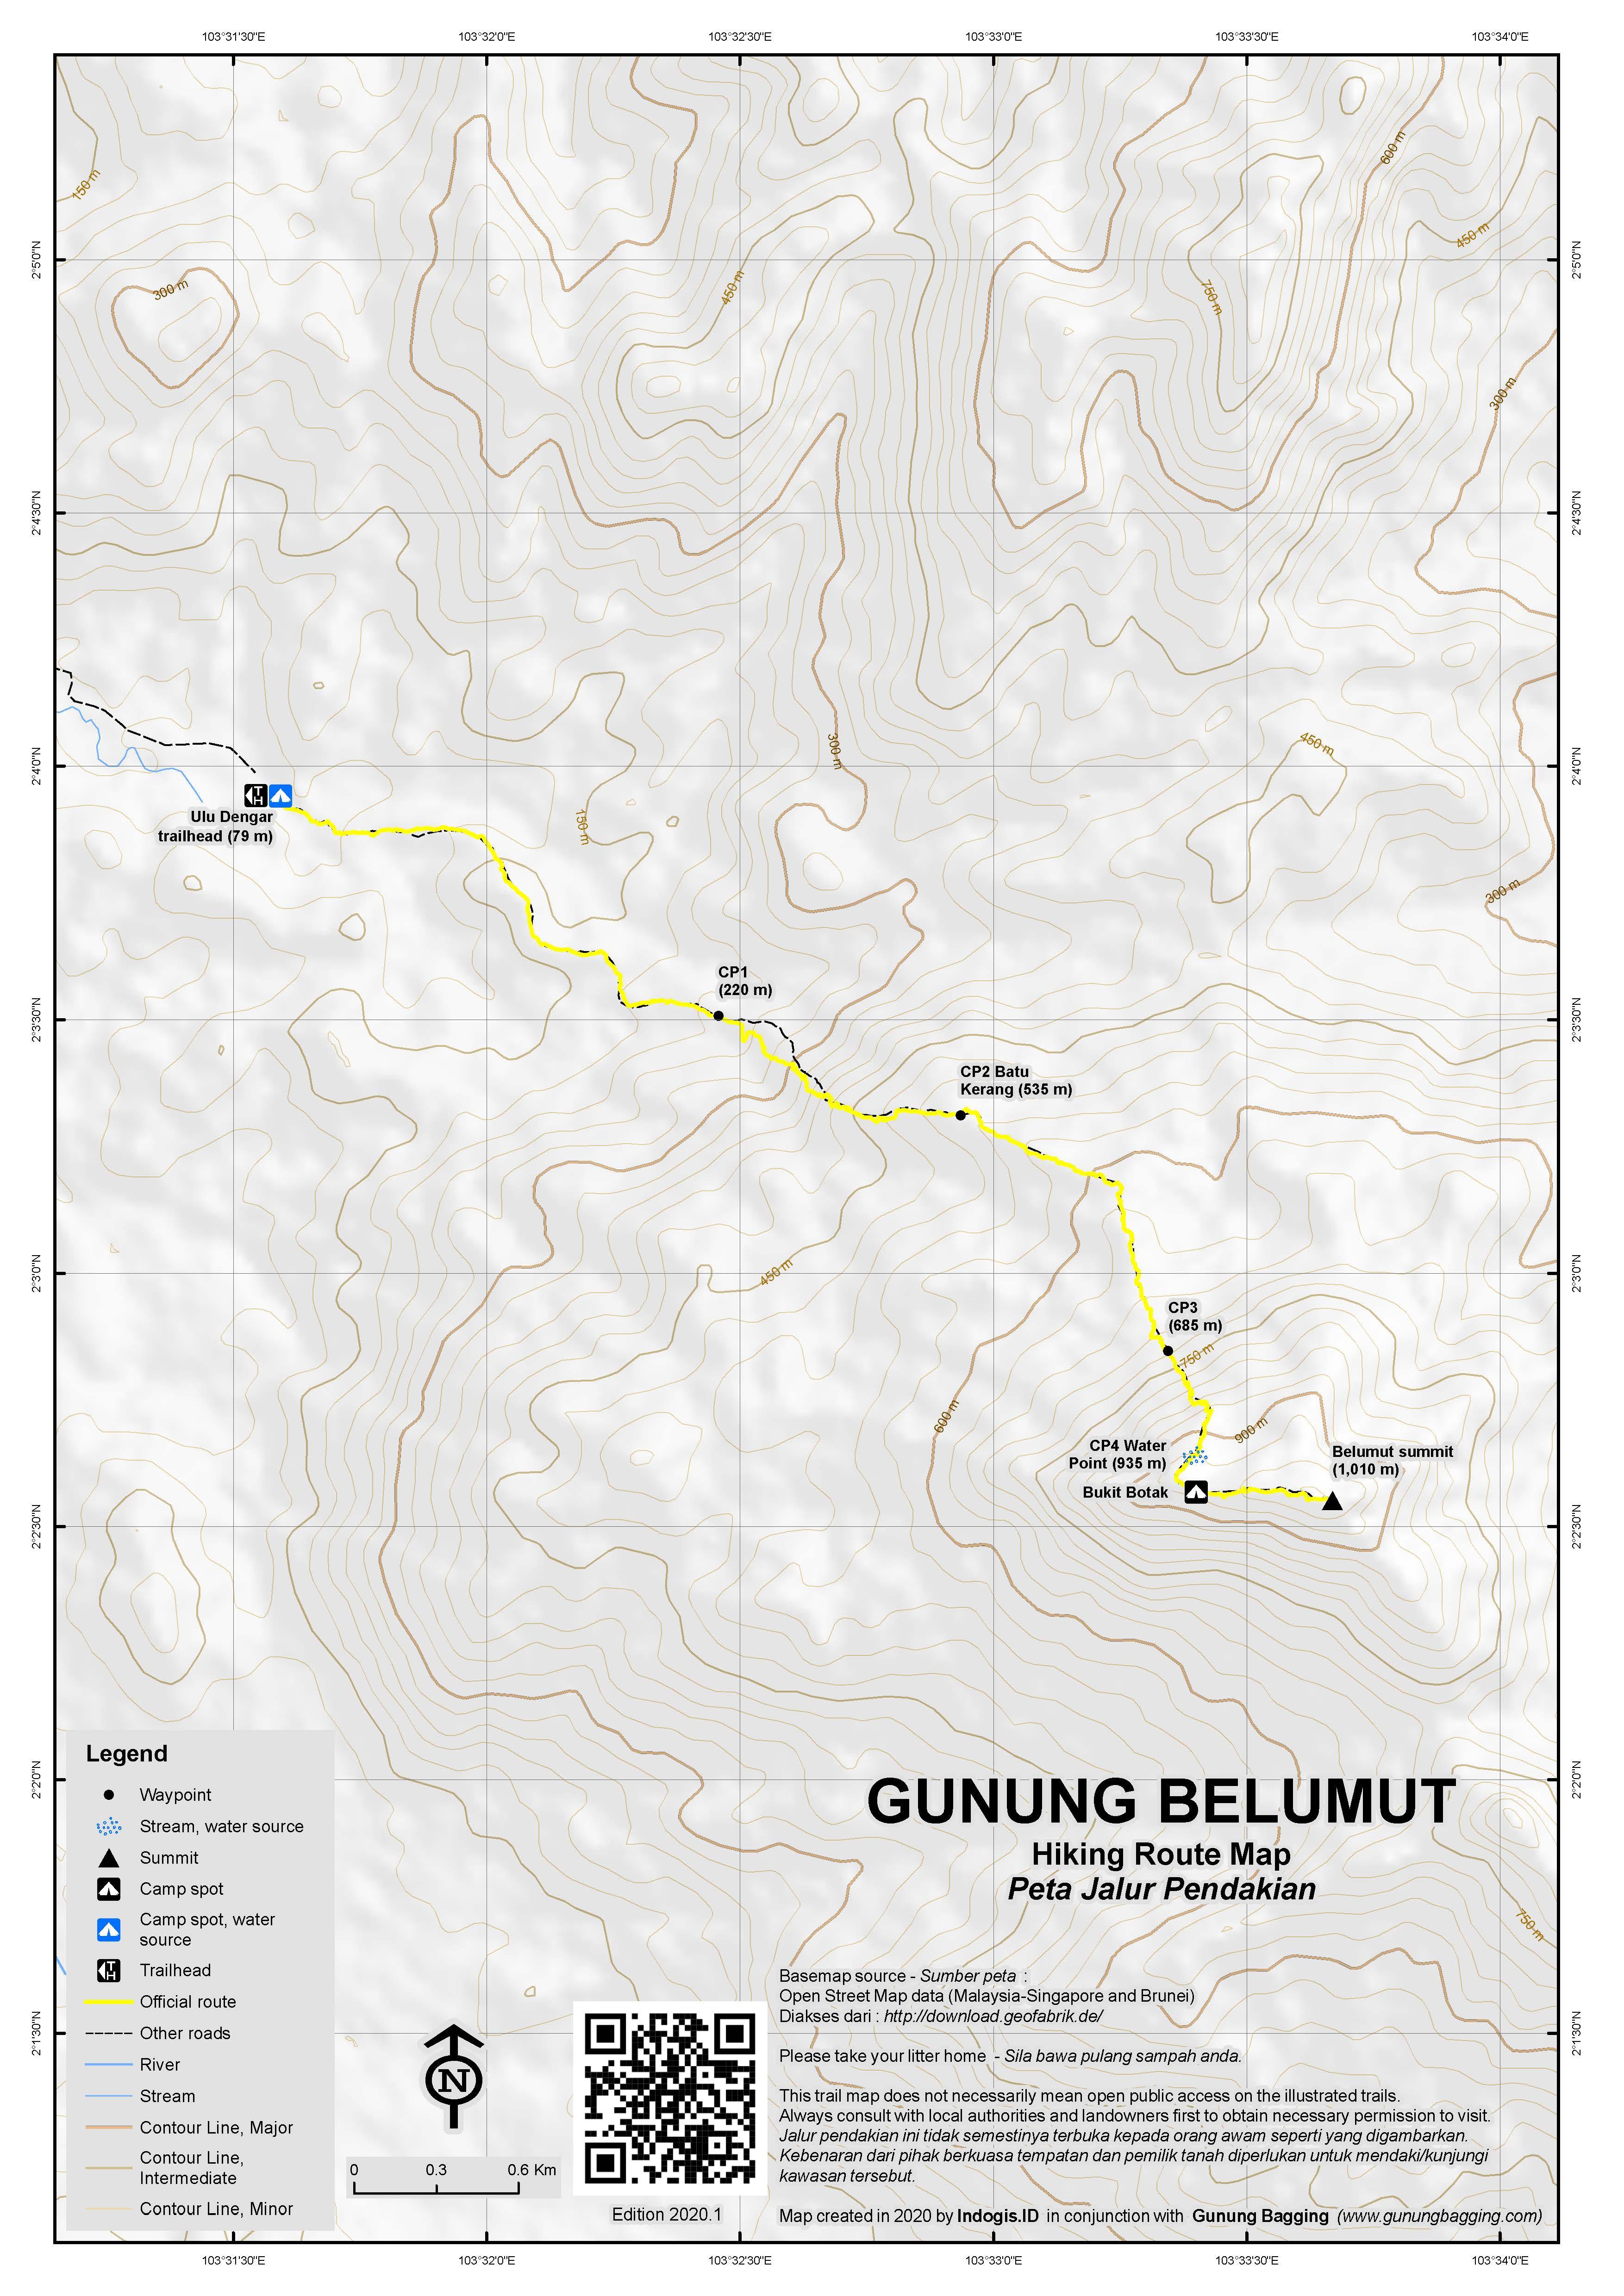 Peta Jalur Pendakian Gunung Belumut